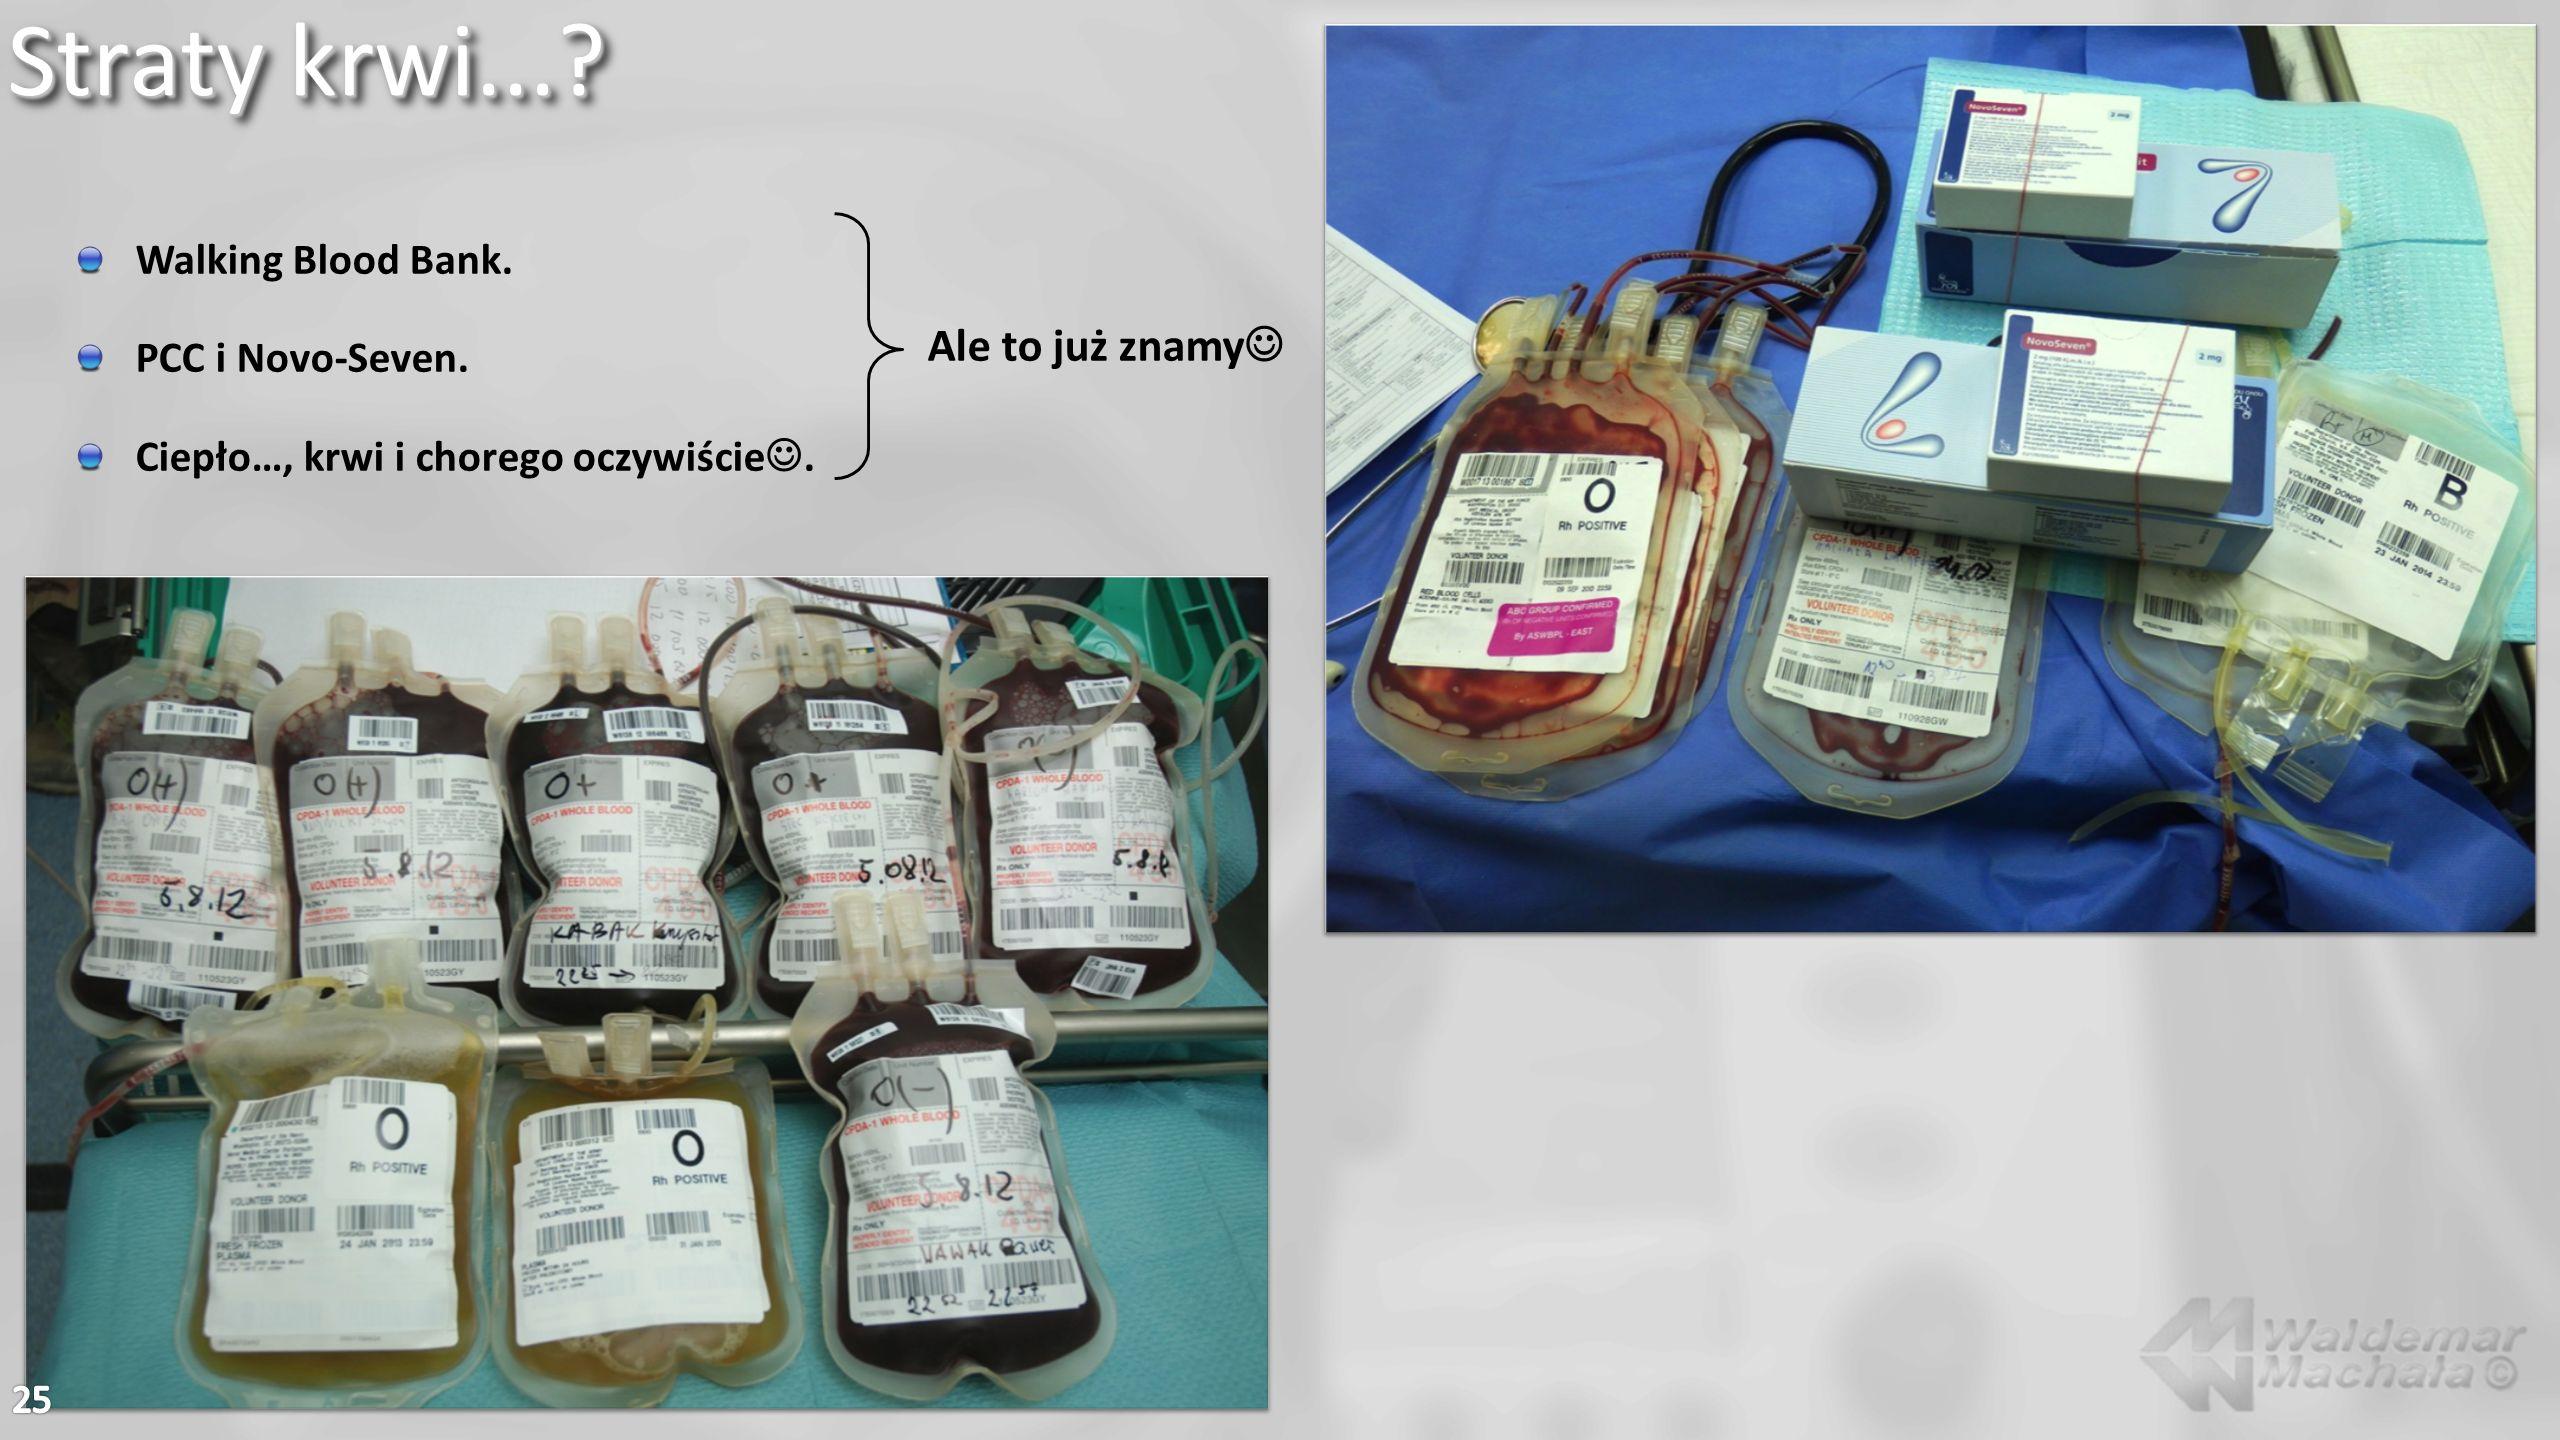 Straty krwi...? Walking Blood Bank. PCC i Novo-Seven. Ciepło…, krwi i chorego oczywiście. Ale to już znamy